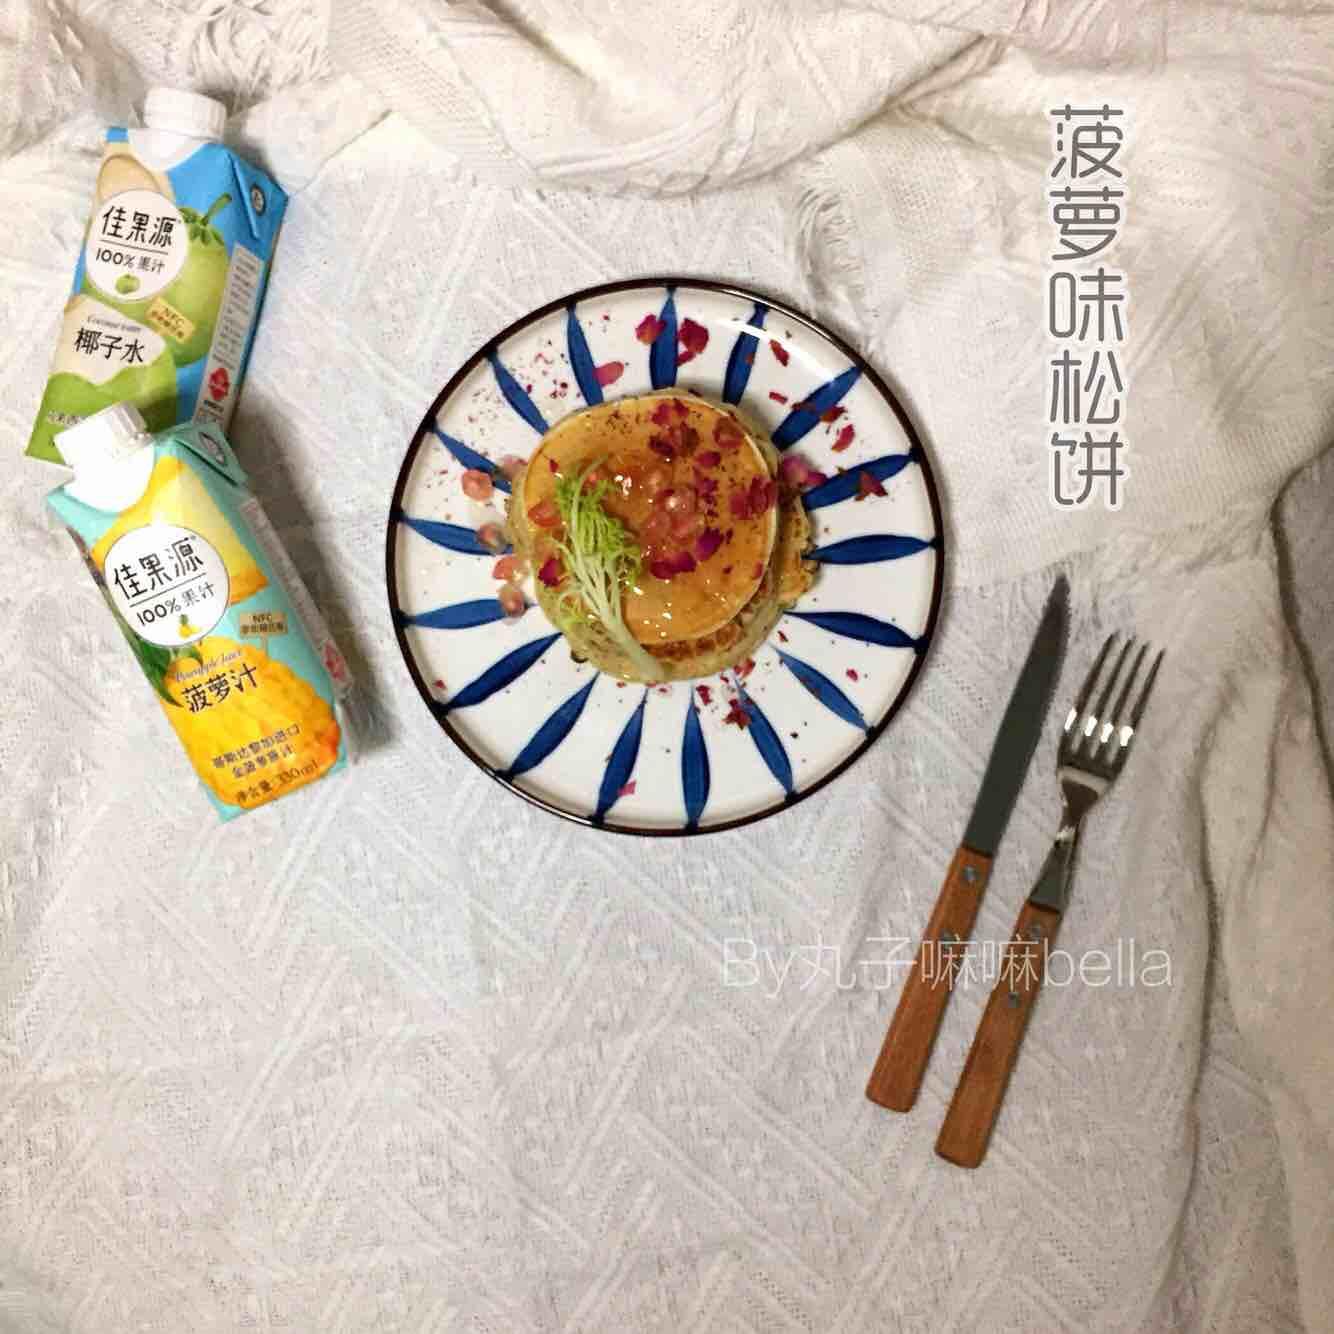 无蛋奶无面粉酸酸甜甜超美味~~菠萝味松饼怎么炒